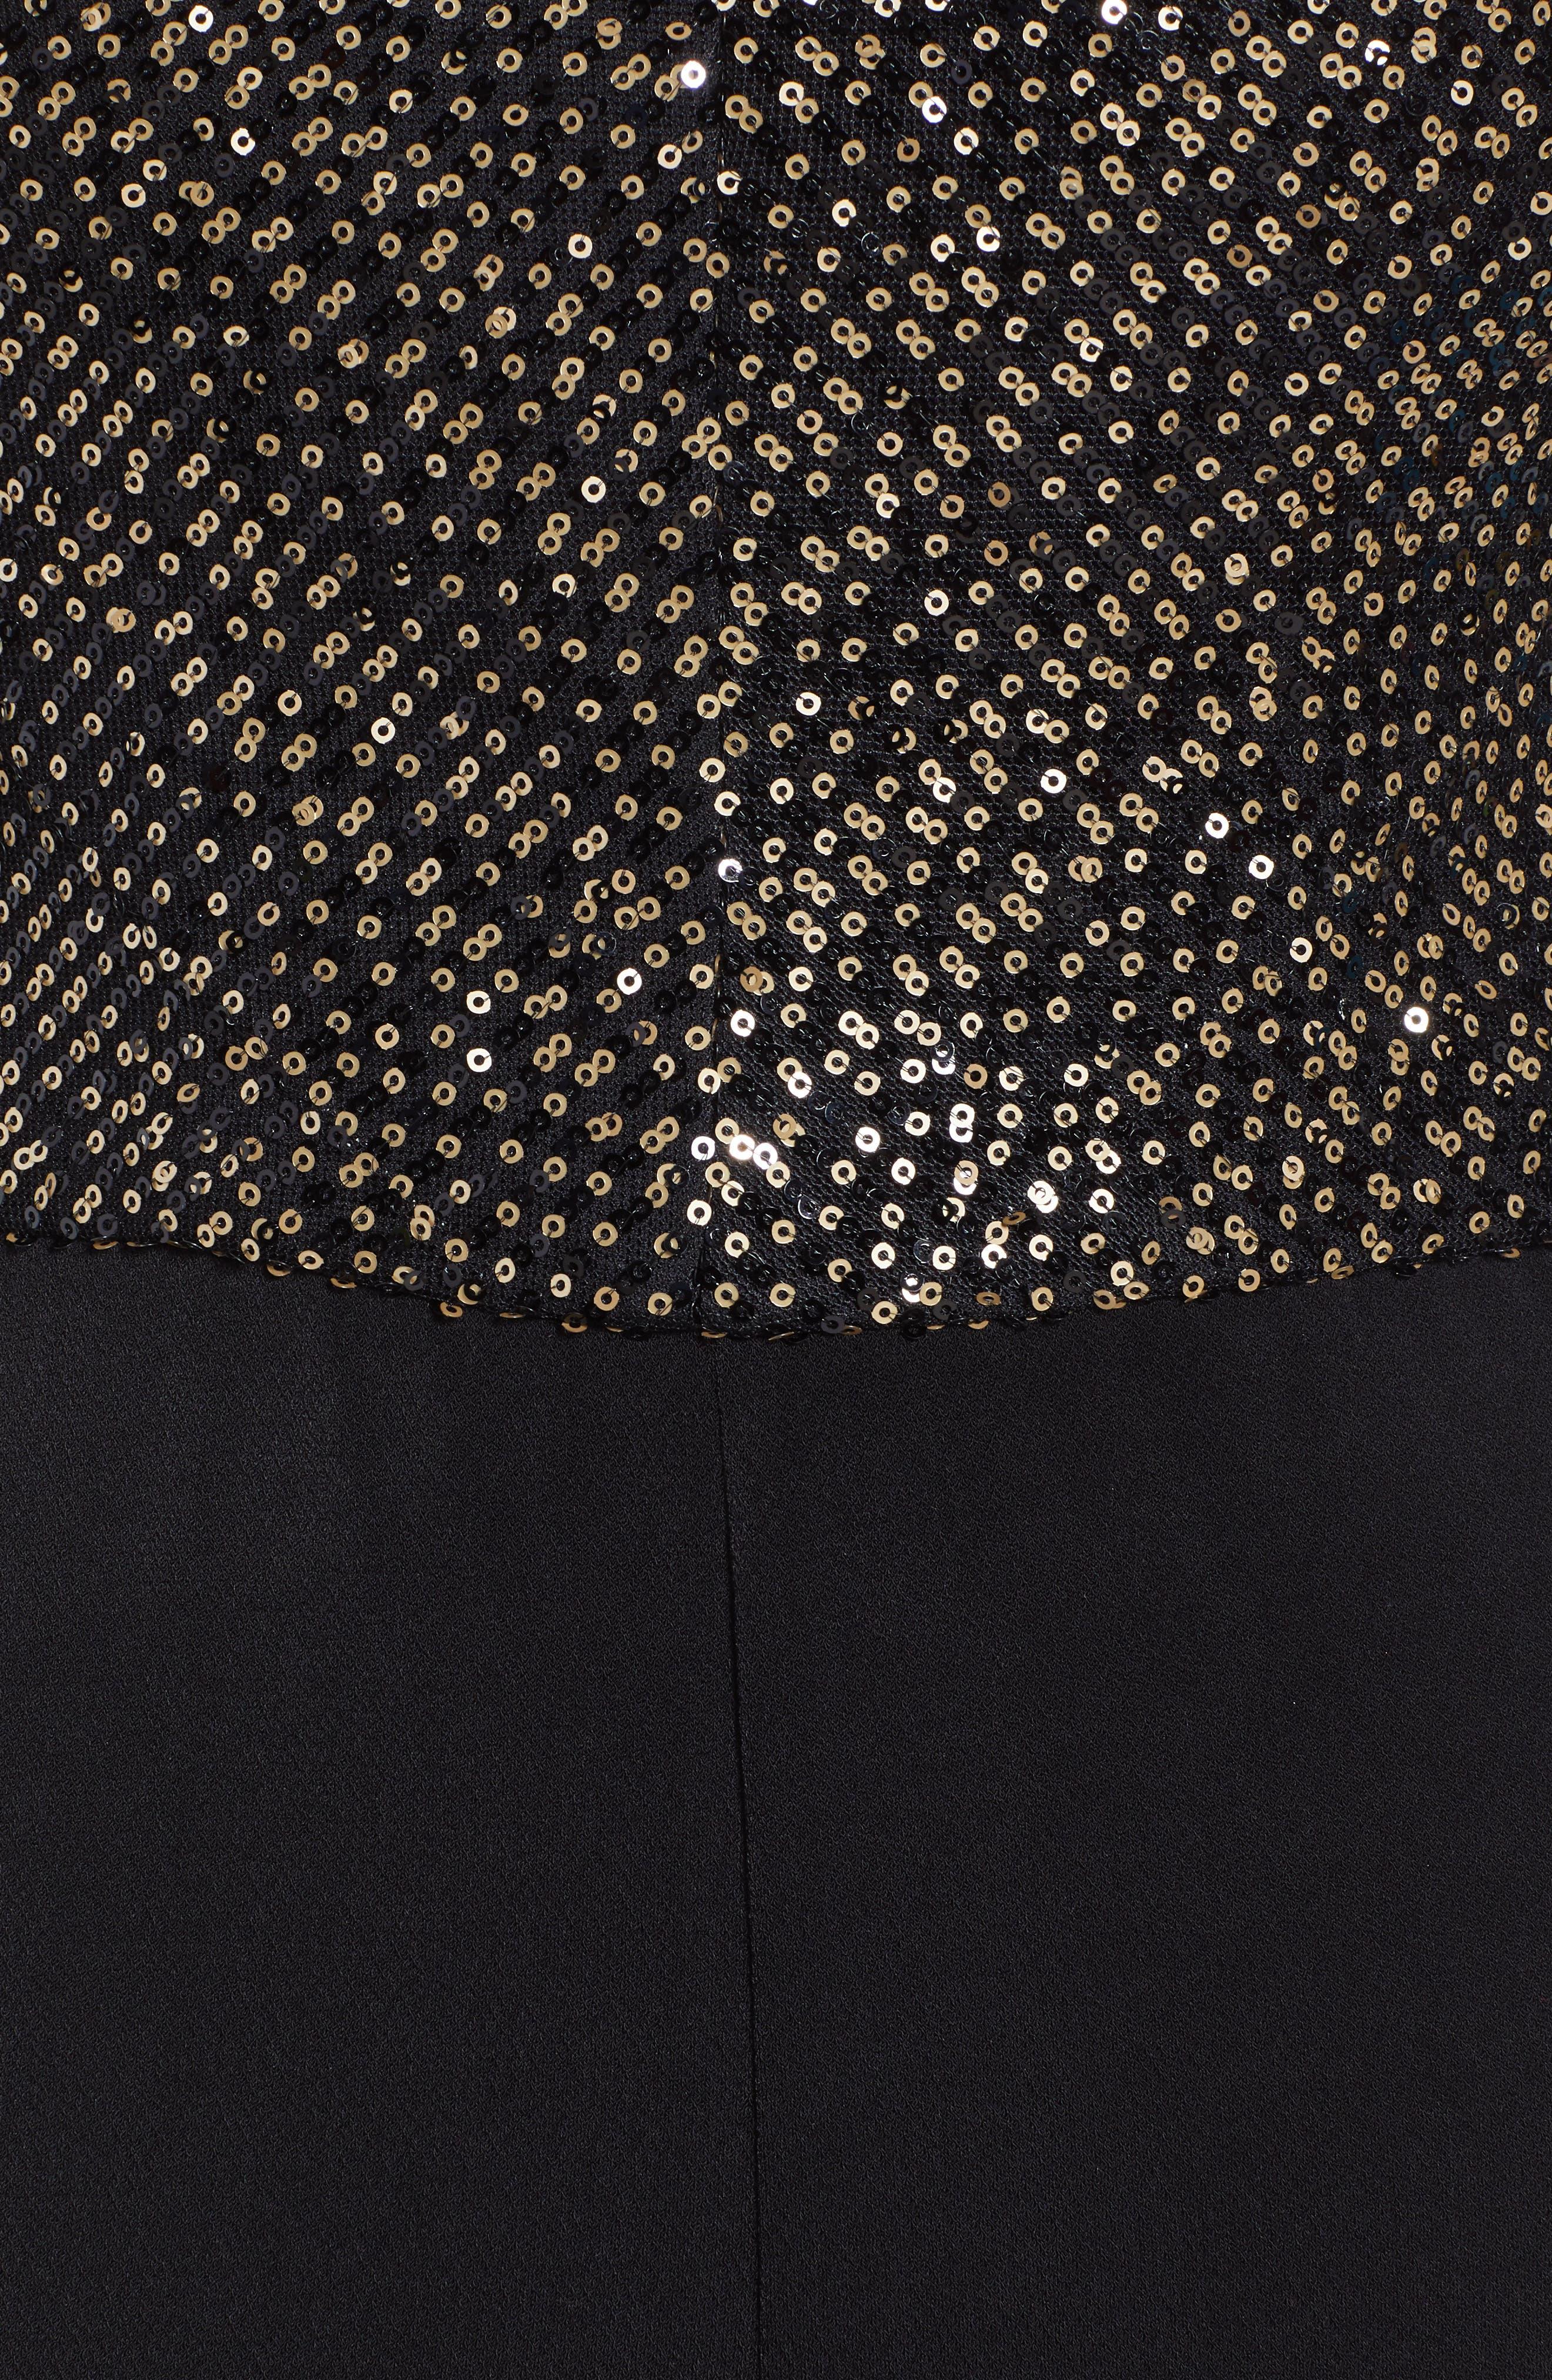 Sequin Bodice Jumpsuit,                             Alternate thumbnail 6, color,                             BLACK